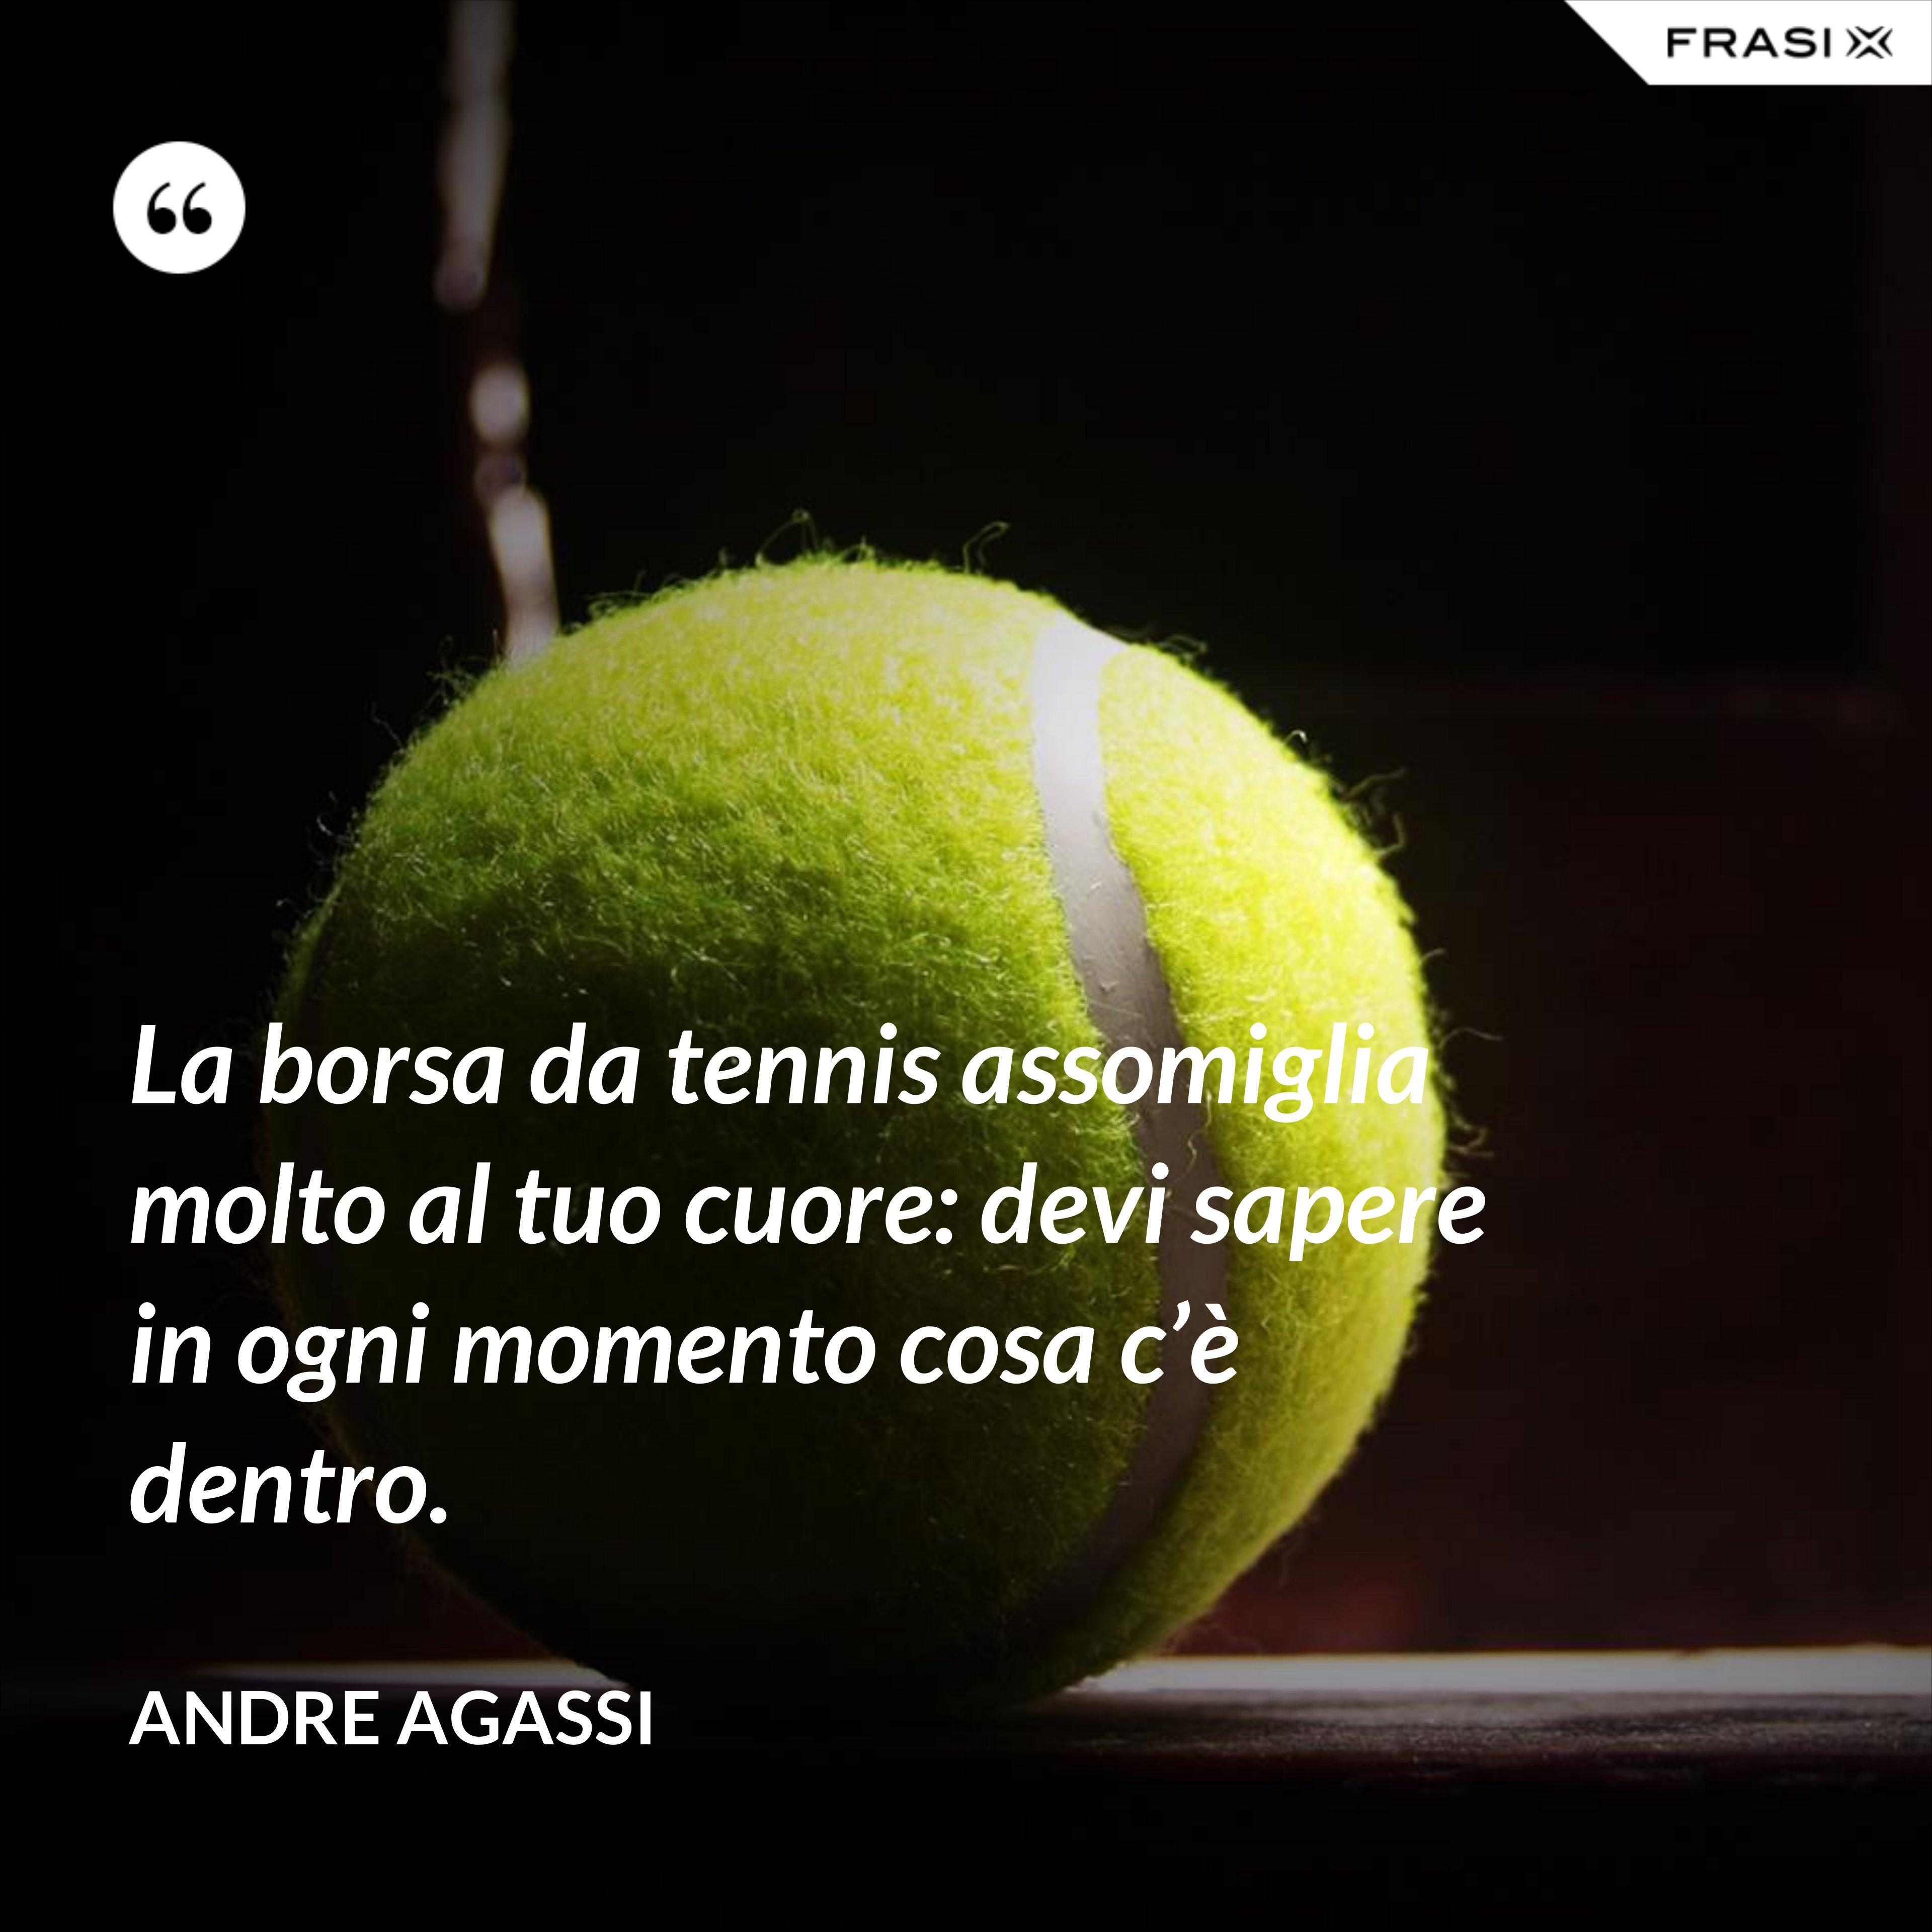 La borsa da tennis assomiglia molto al tuo cuore: devi sapere in ogni momento cosa c'è dentro. - Andre Agassi